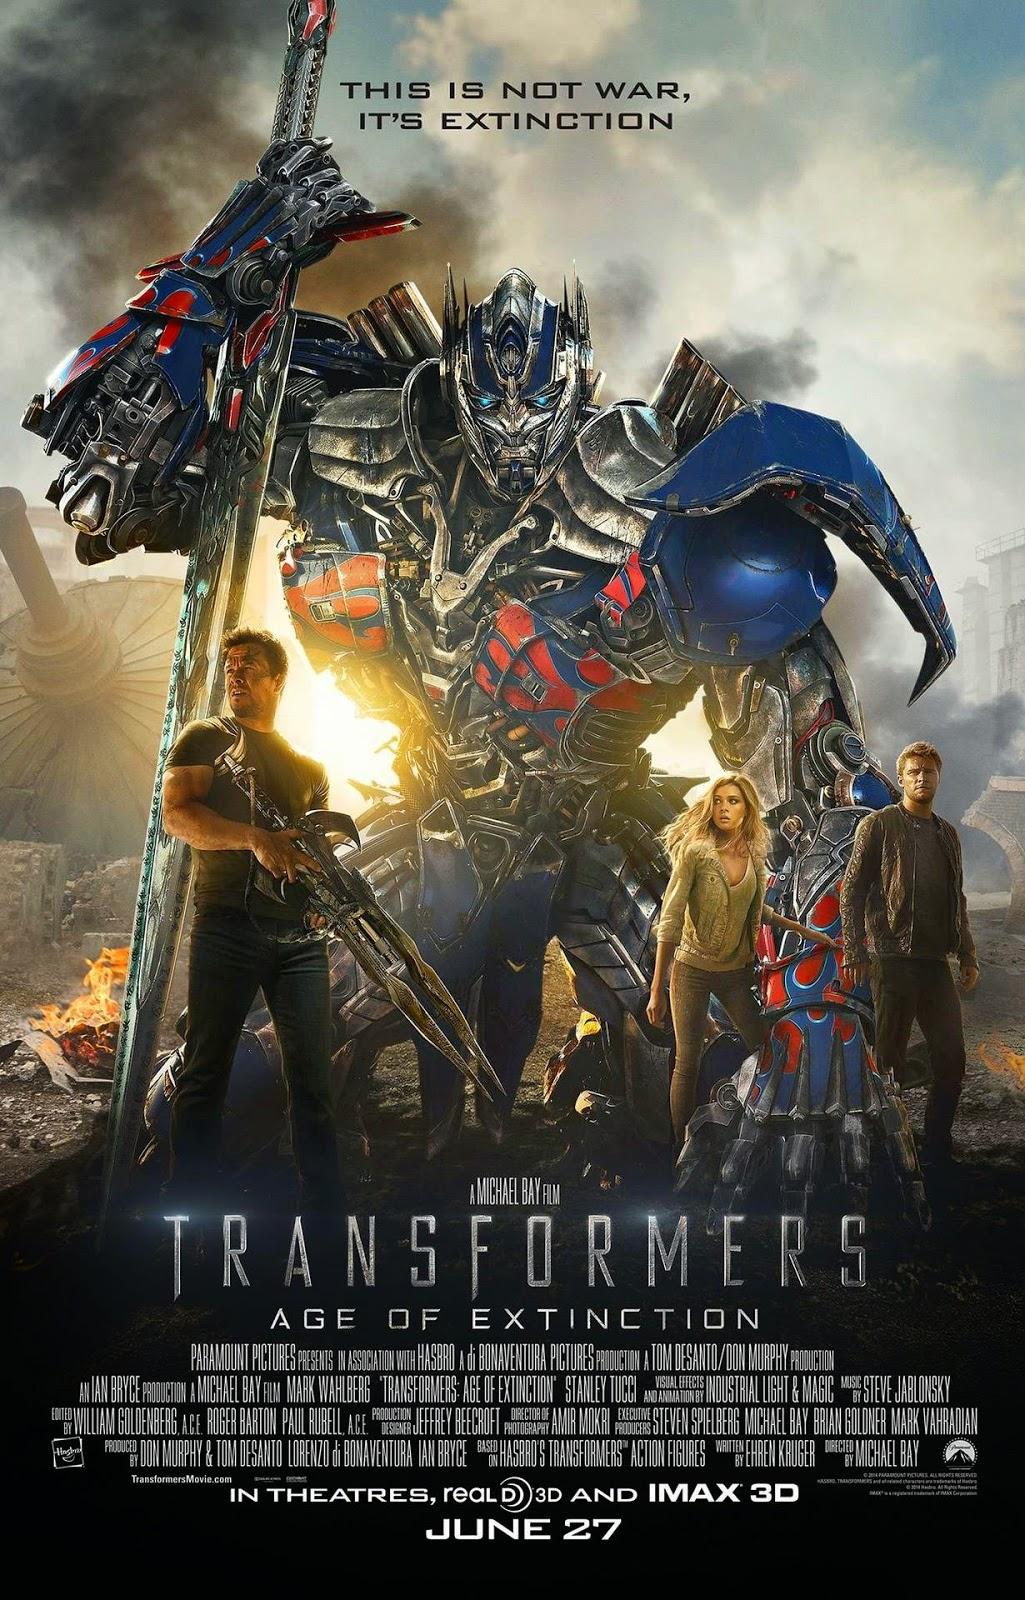 Robot Đại Chiến 4: Kỷ Nguyên Hủy Diệt - Transformers 4: Age of Extinction (2014) Poster